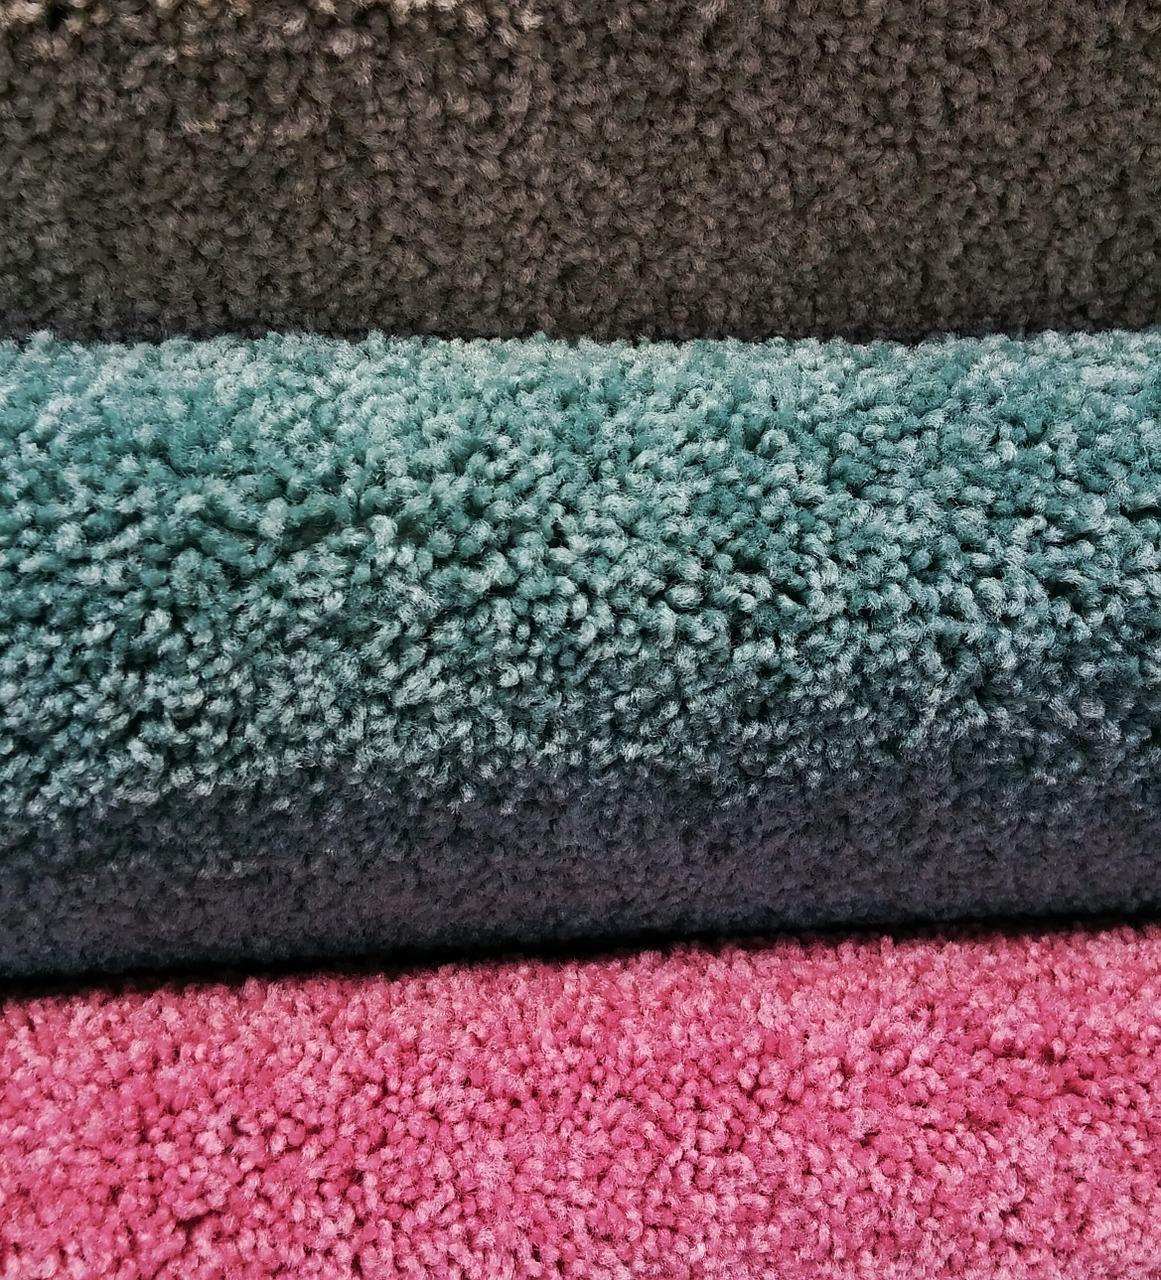 carpet-1429217_1280